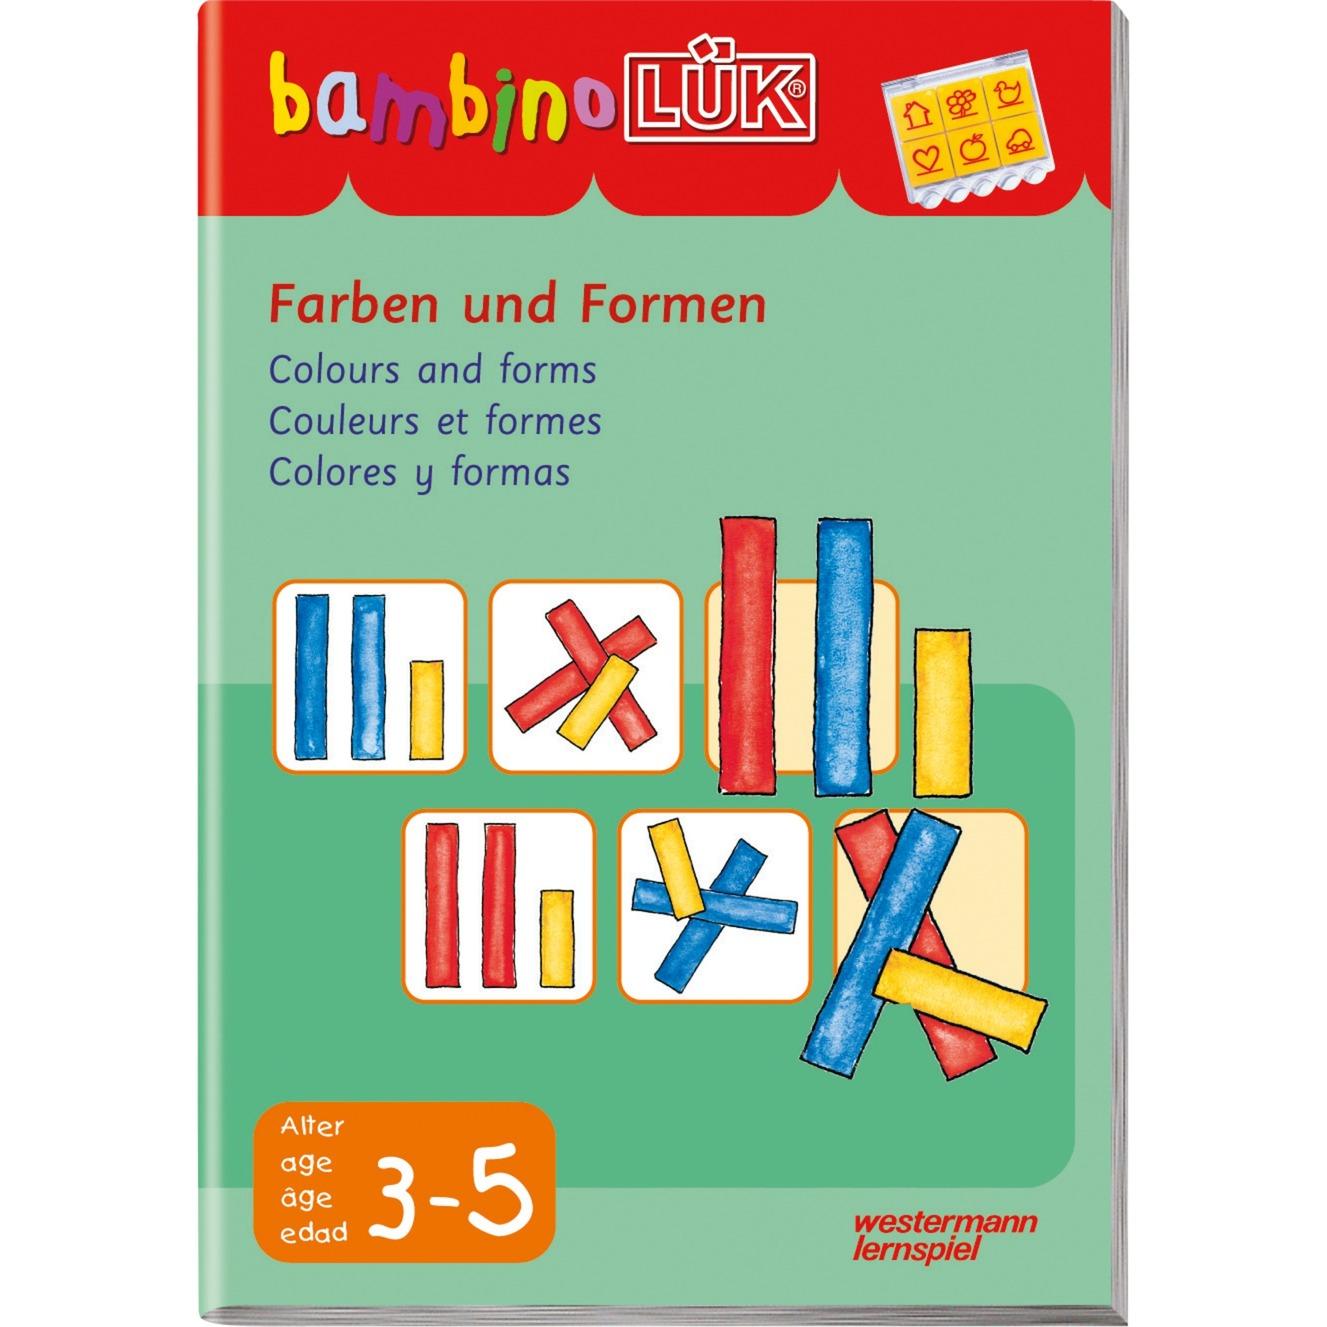 Farben und Formen livre pour enfants, Manuel